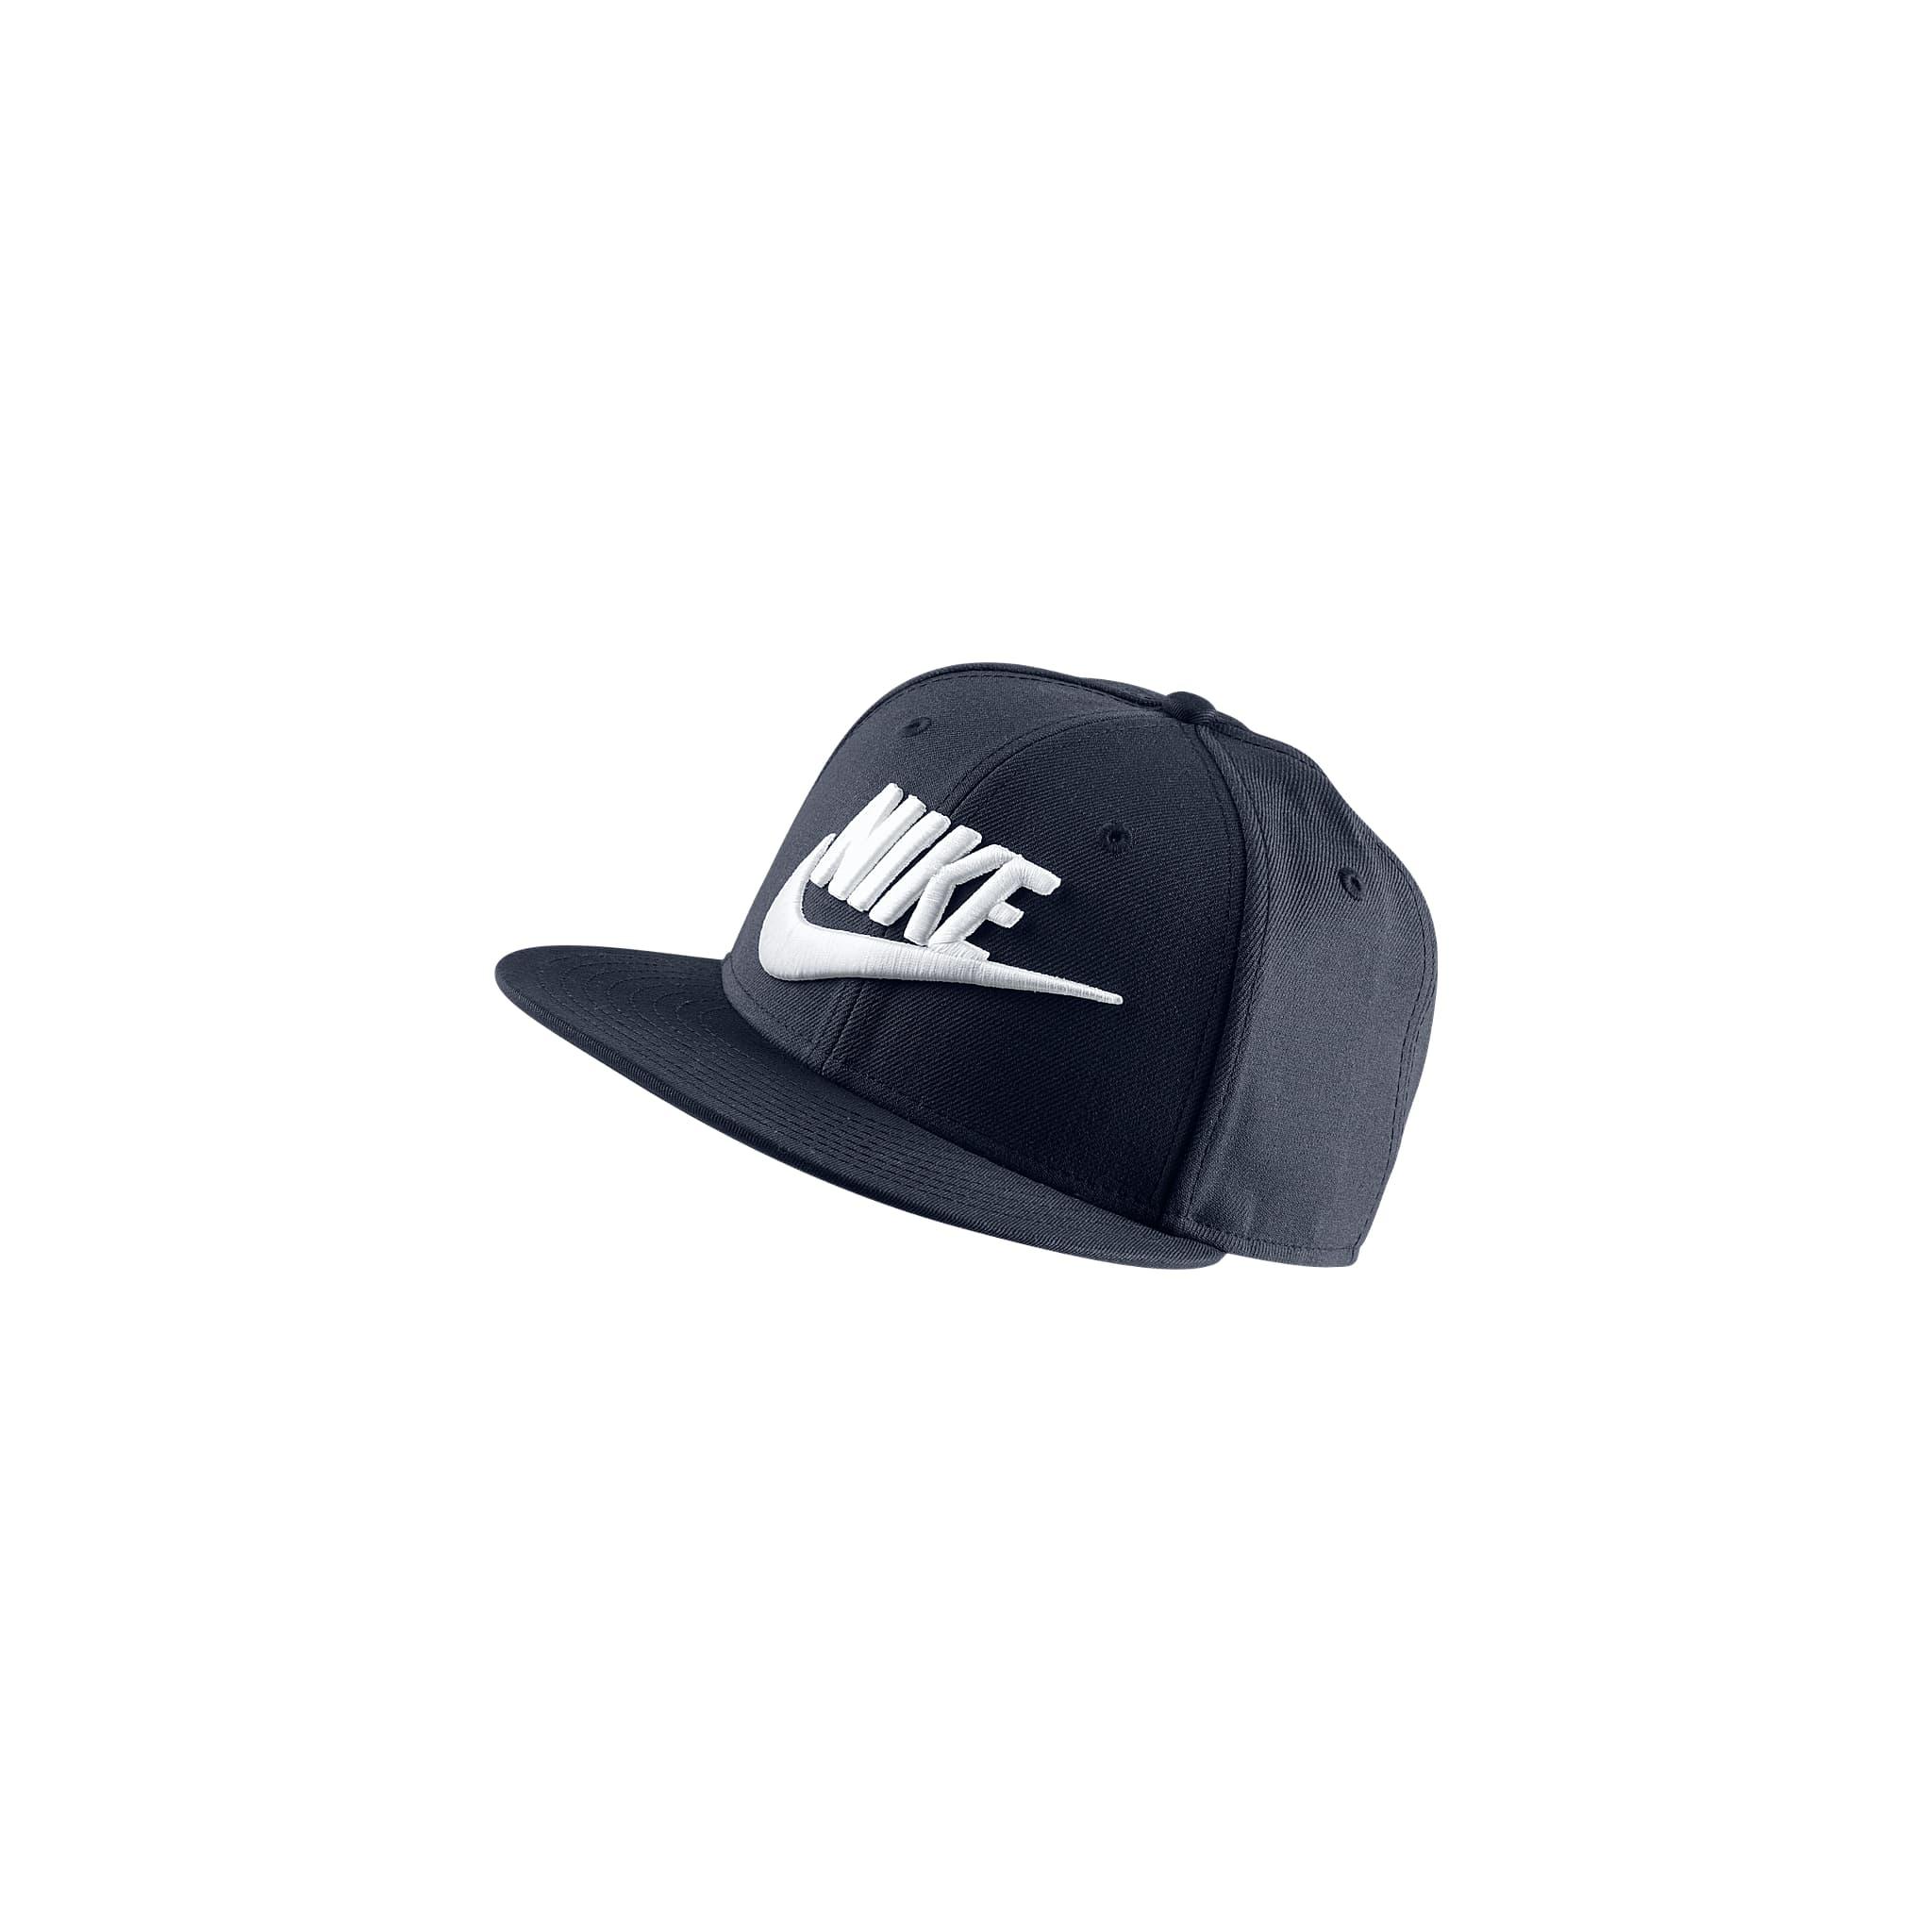 Futura True Hat